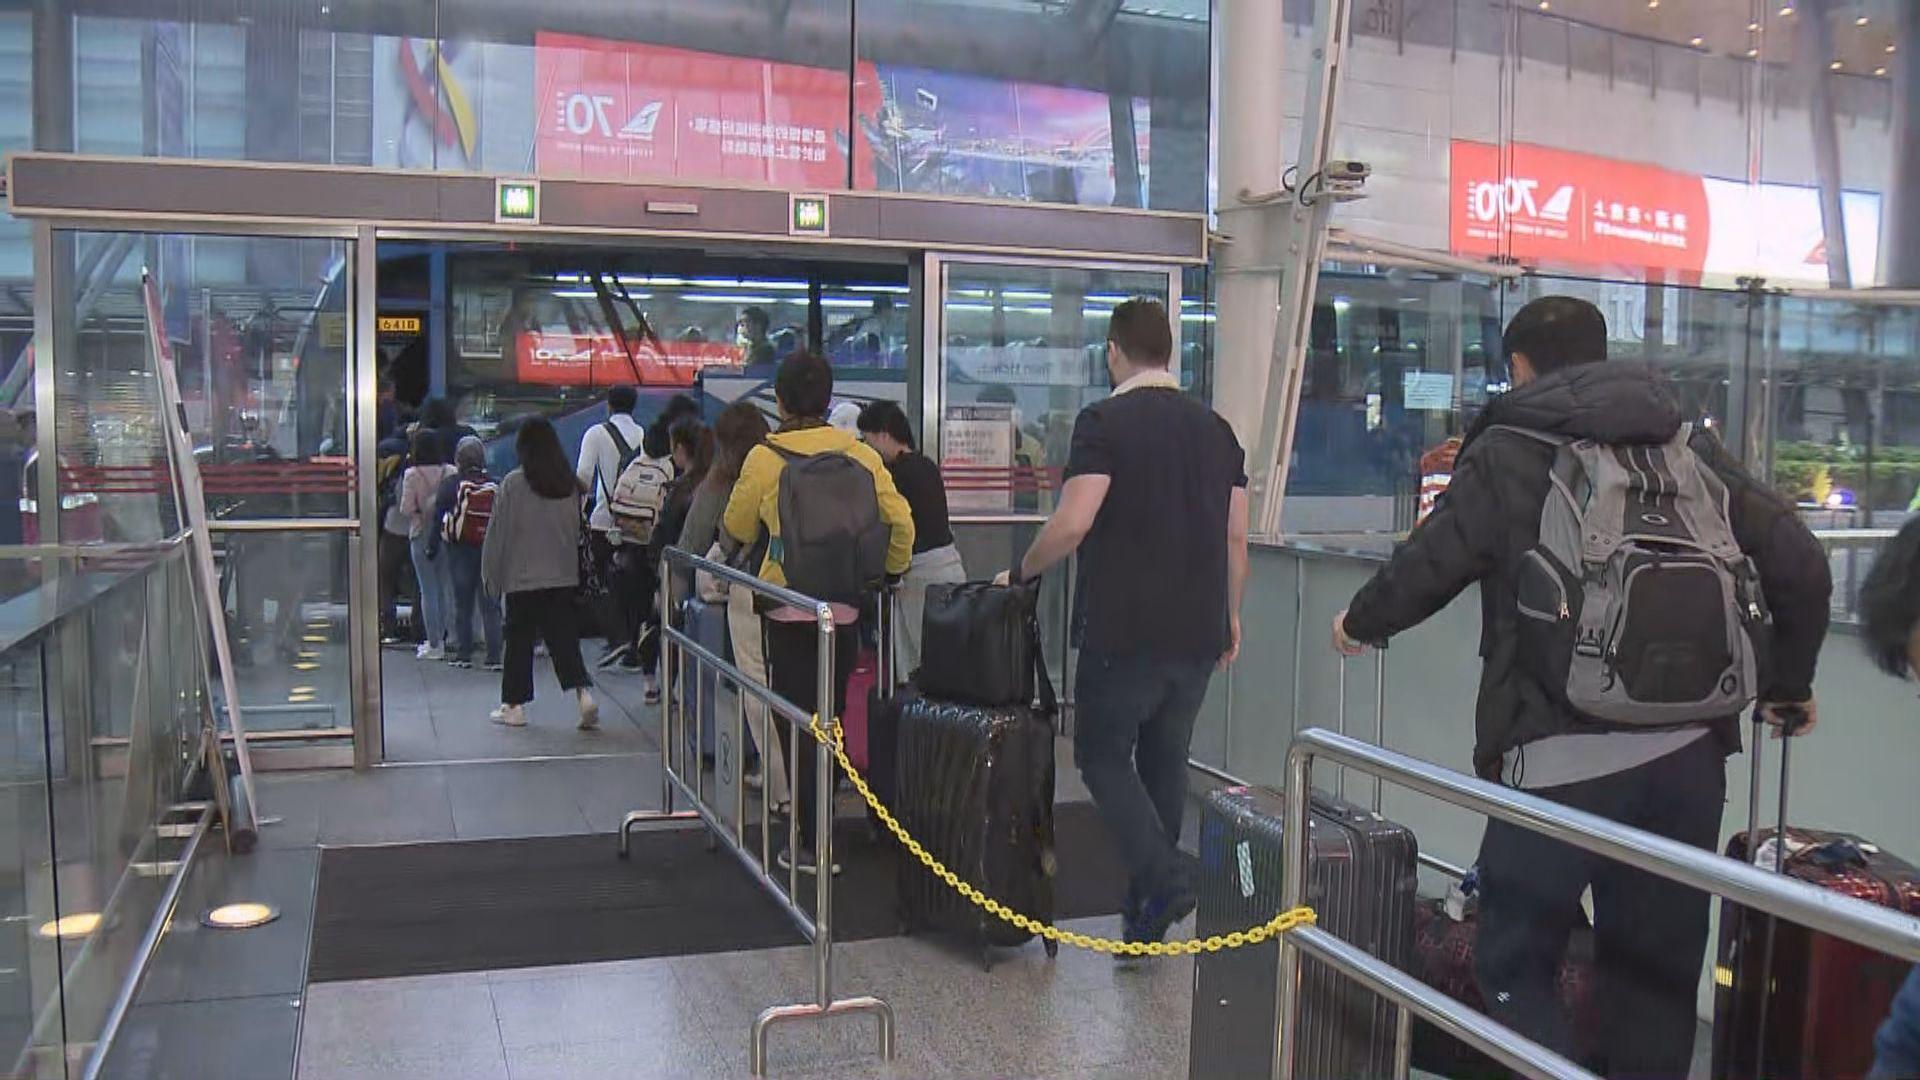 欣澳站架空電纜故障 港鐵安排免費接駁巴士